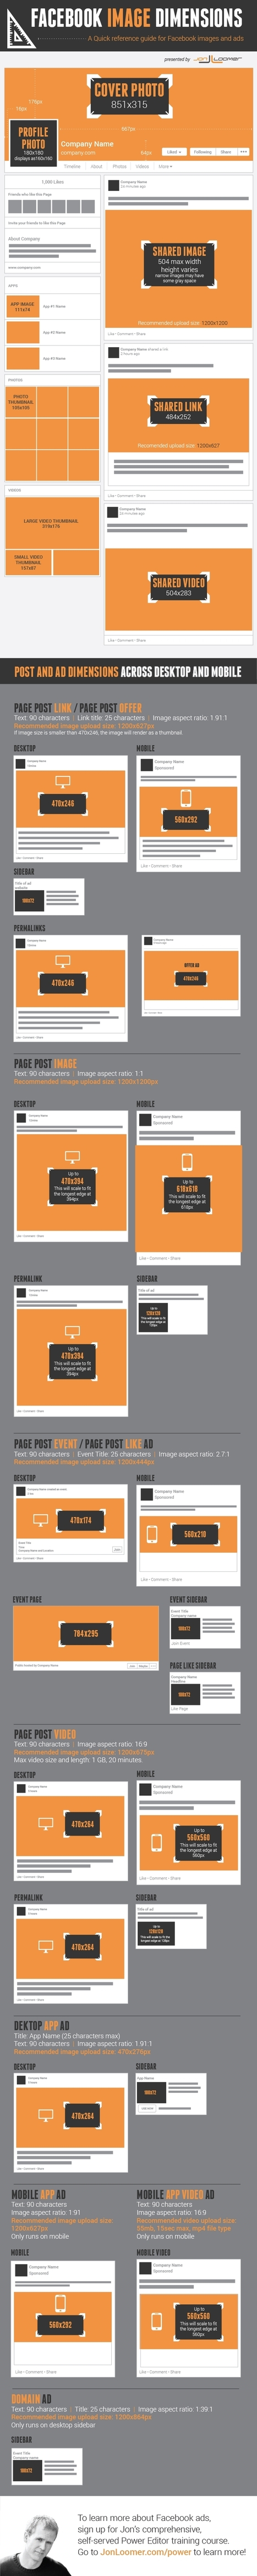 [Facebook] Guide complet des dimensions pour les nouvelles fan pages | BTS Tourisme option Information et multimédia | Scoop.it